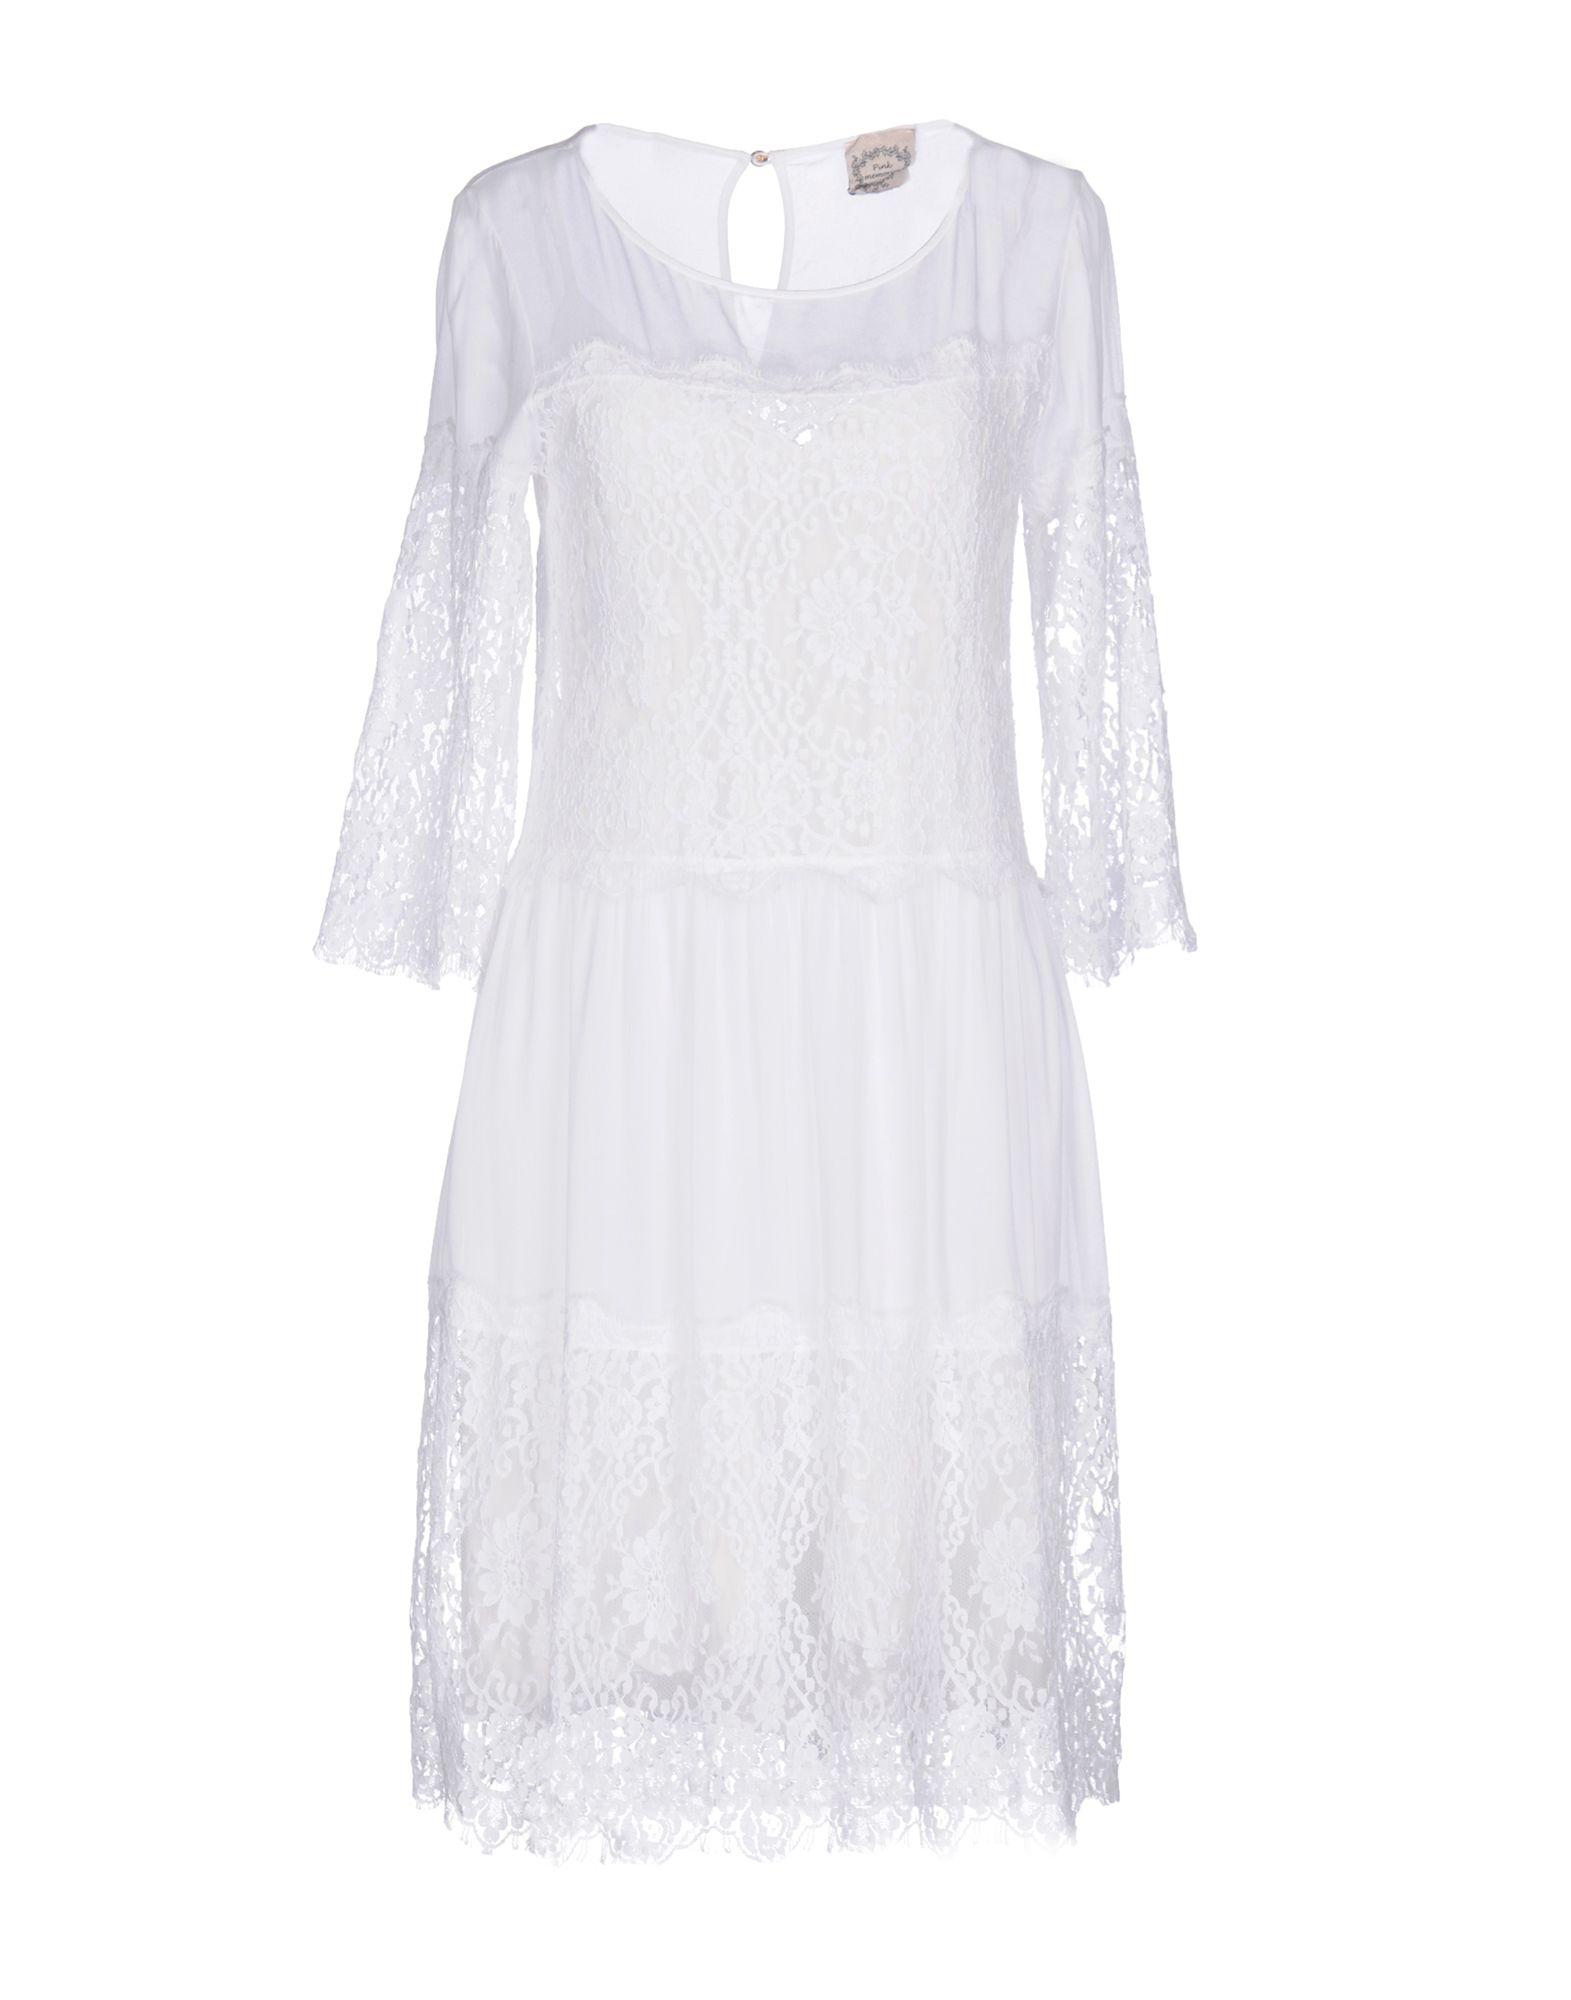 PINK MEMORIES Damen Knielanges Kleid Farbe Weiß Größe 5